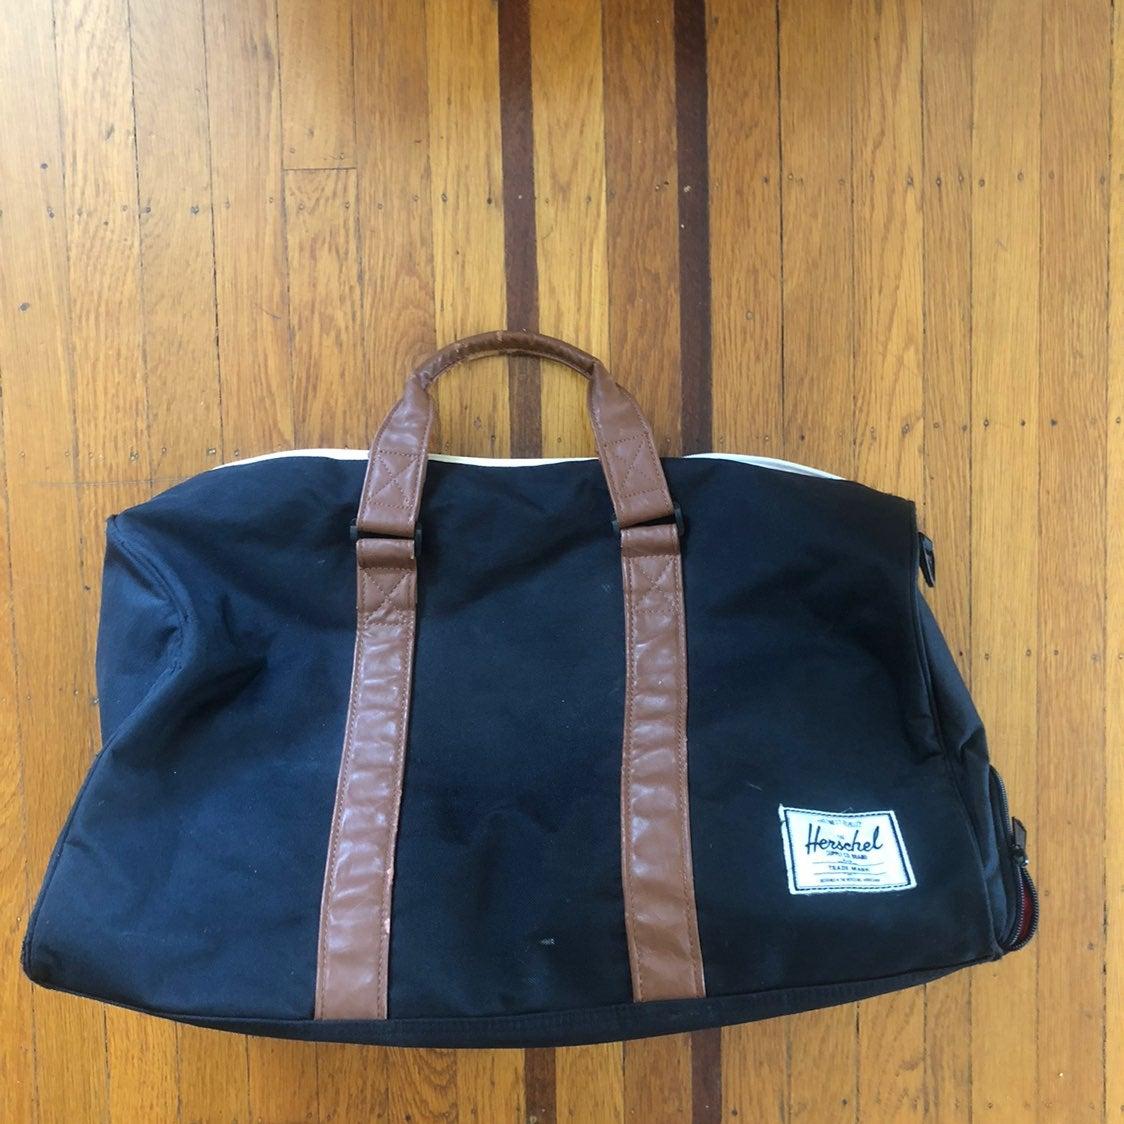 Herschel black getaway overnight bag